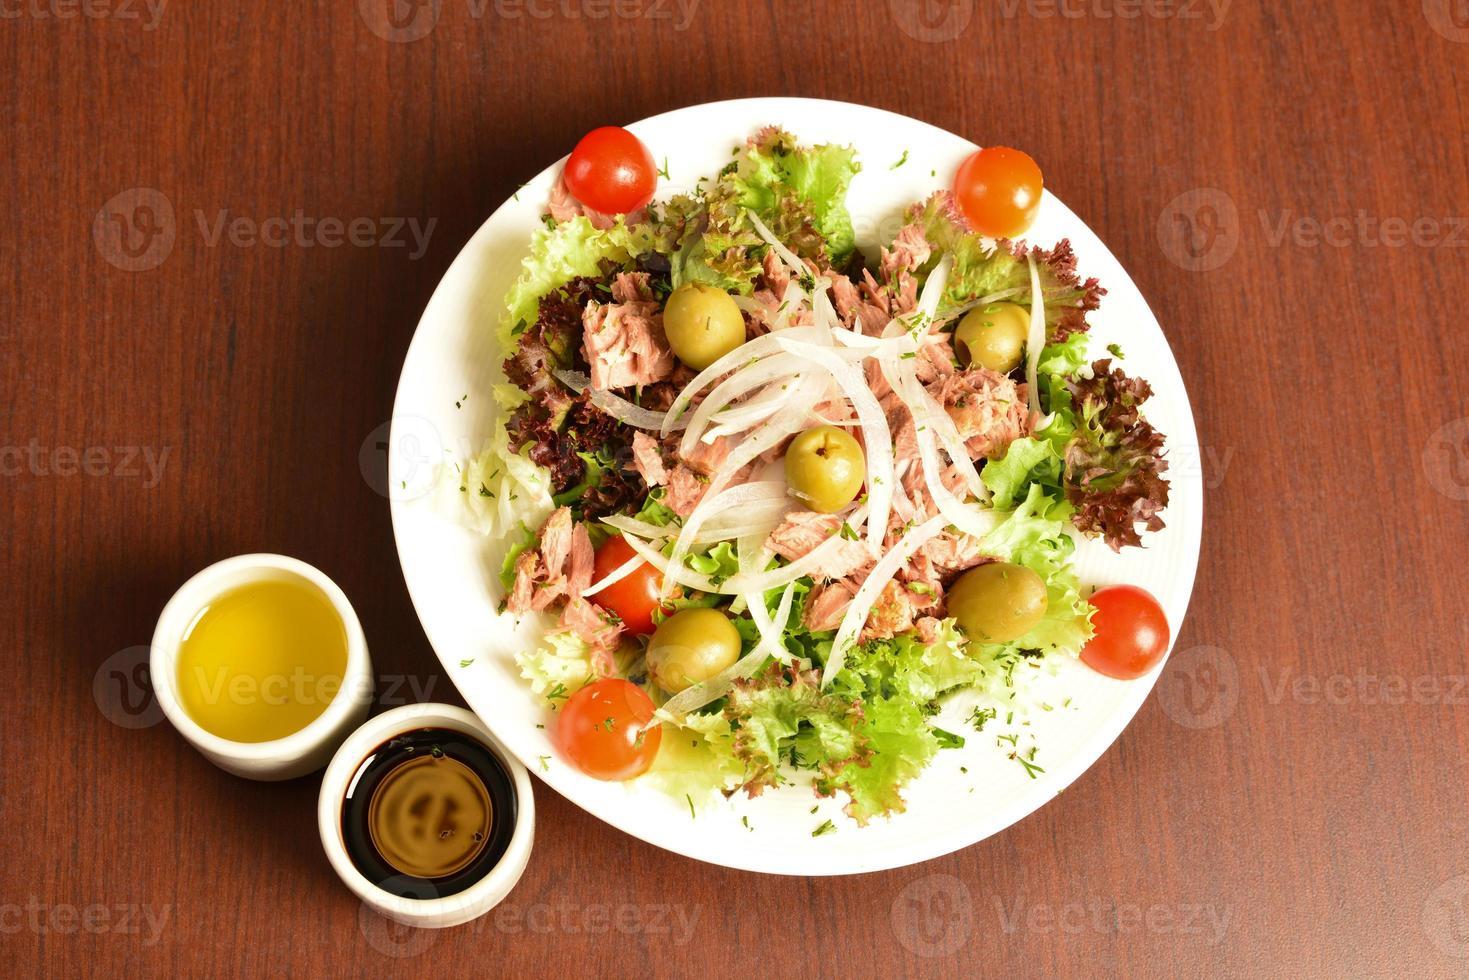 Tuna salad. photo